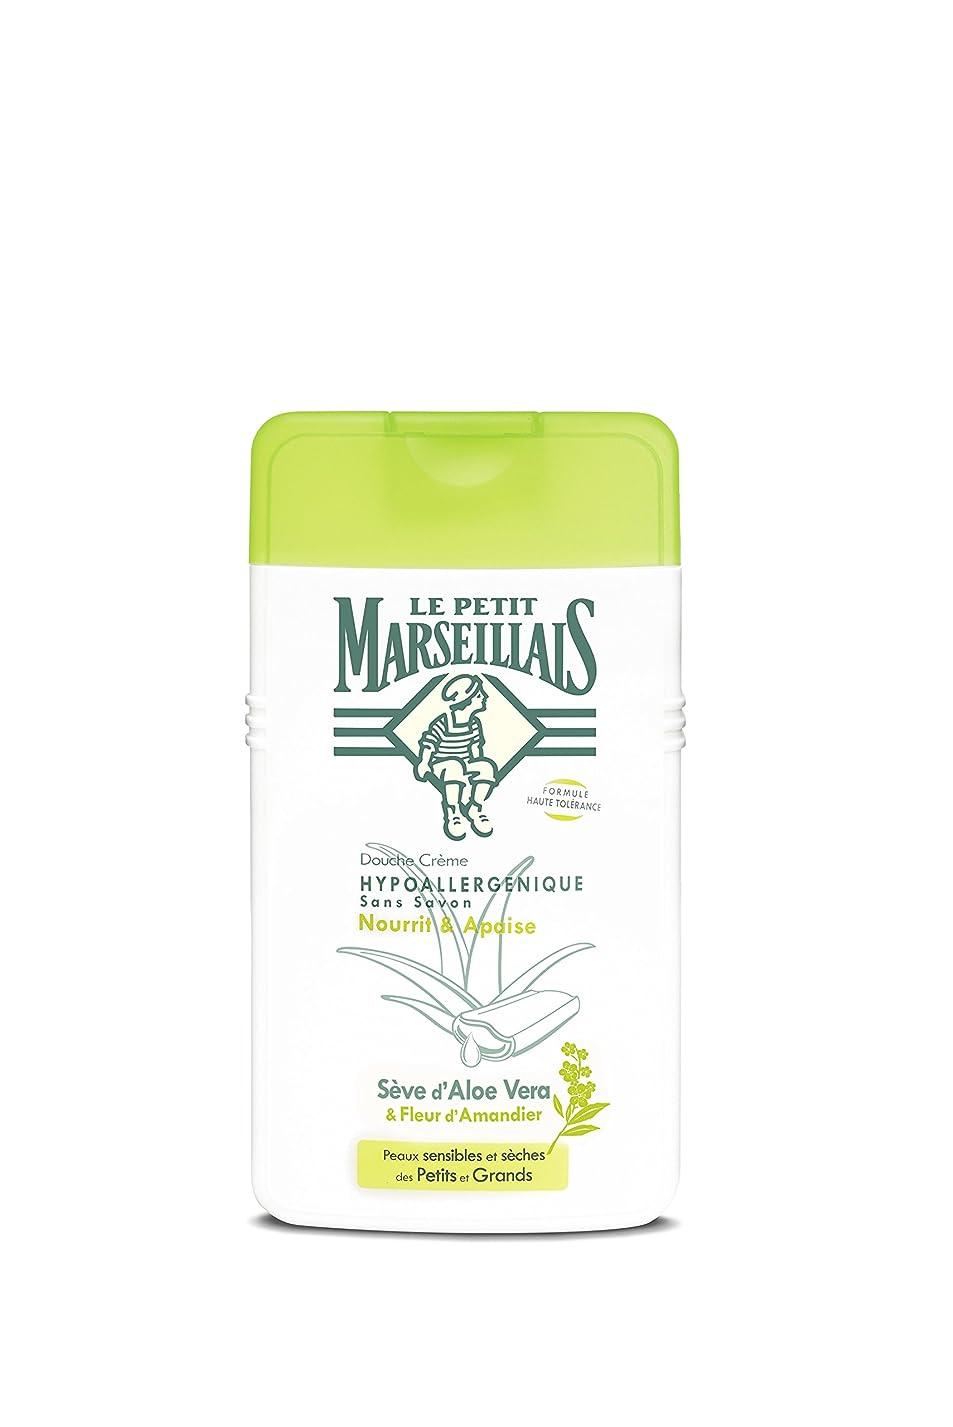 アルプスおしゃれなしてはいけない「アロエベラ」と「アーモンドの花」石鹸不使用 低刺激 敏感肌用 中性 シャワークリーム フランスの「ル?プティ?マルセイユ(Le Petit Marseillais)」250ml ボディウォッシュ